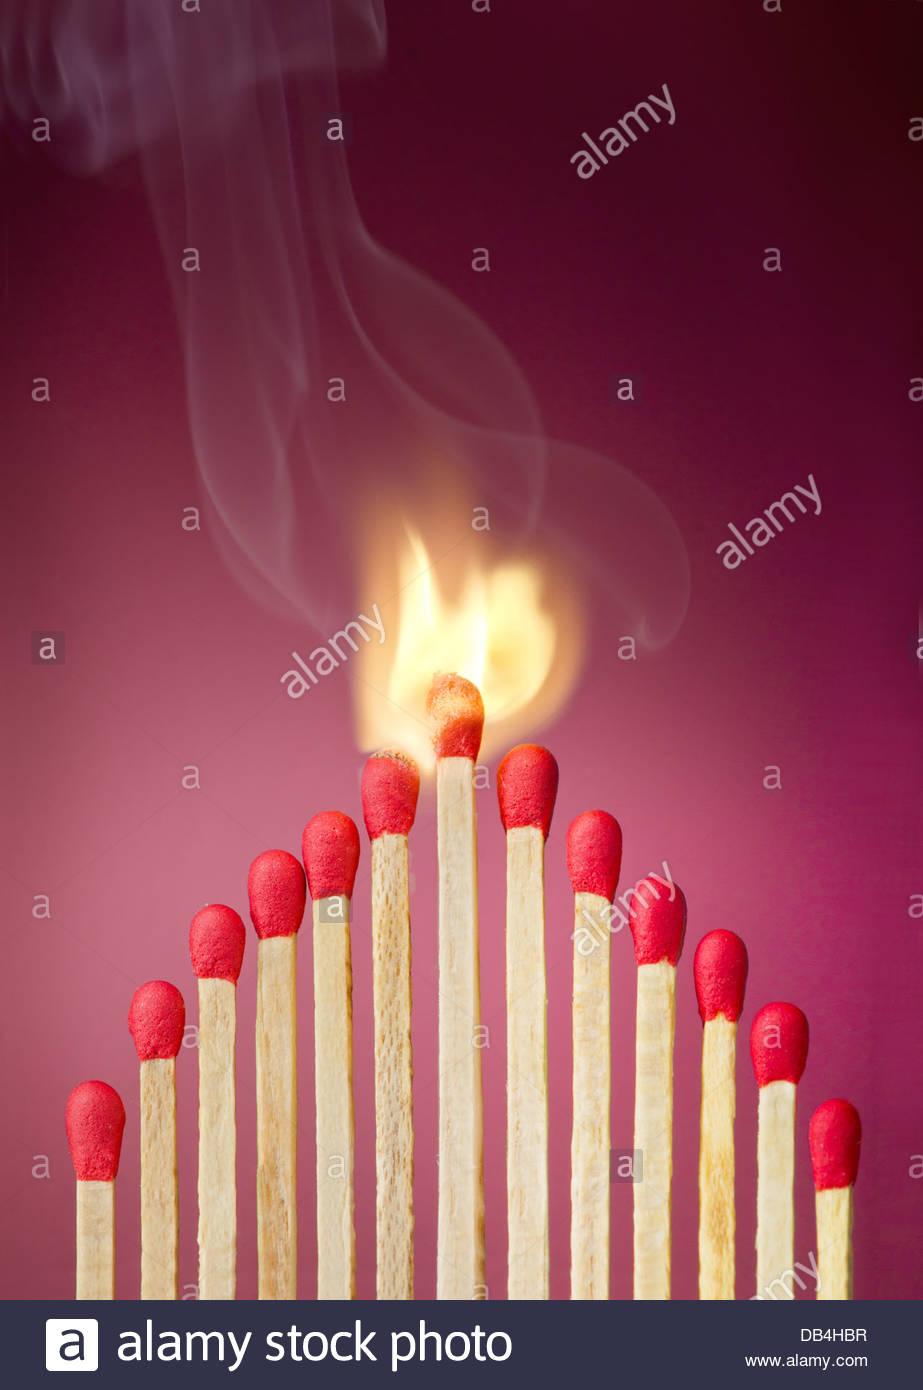 Burning match mettant le feu à ses voisins, d'une métaphore pour les idées et l'inspiration Photo Stock